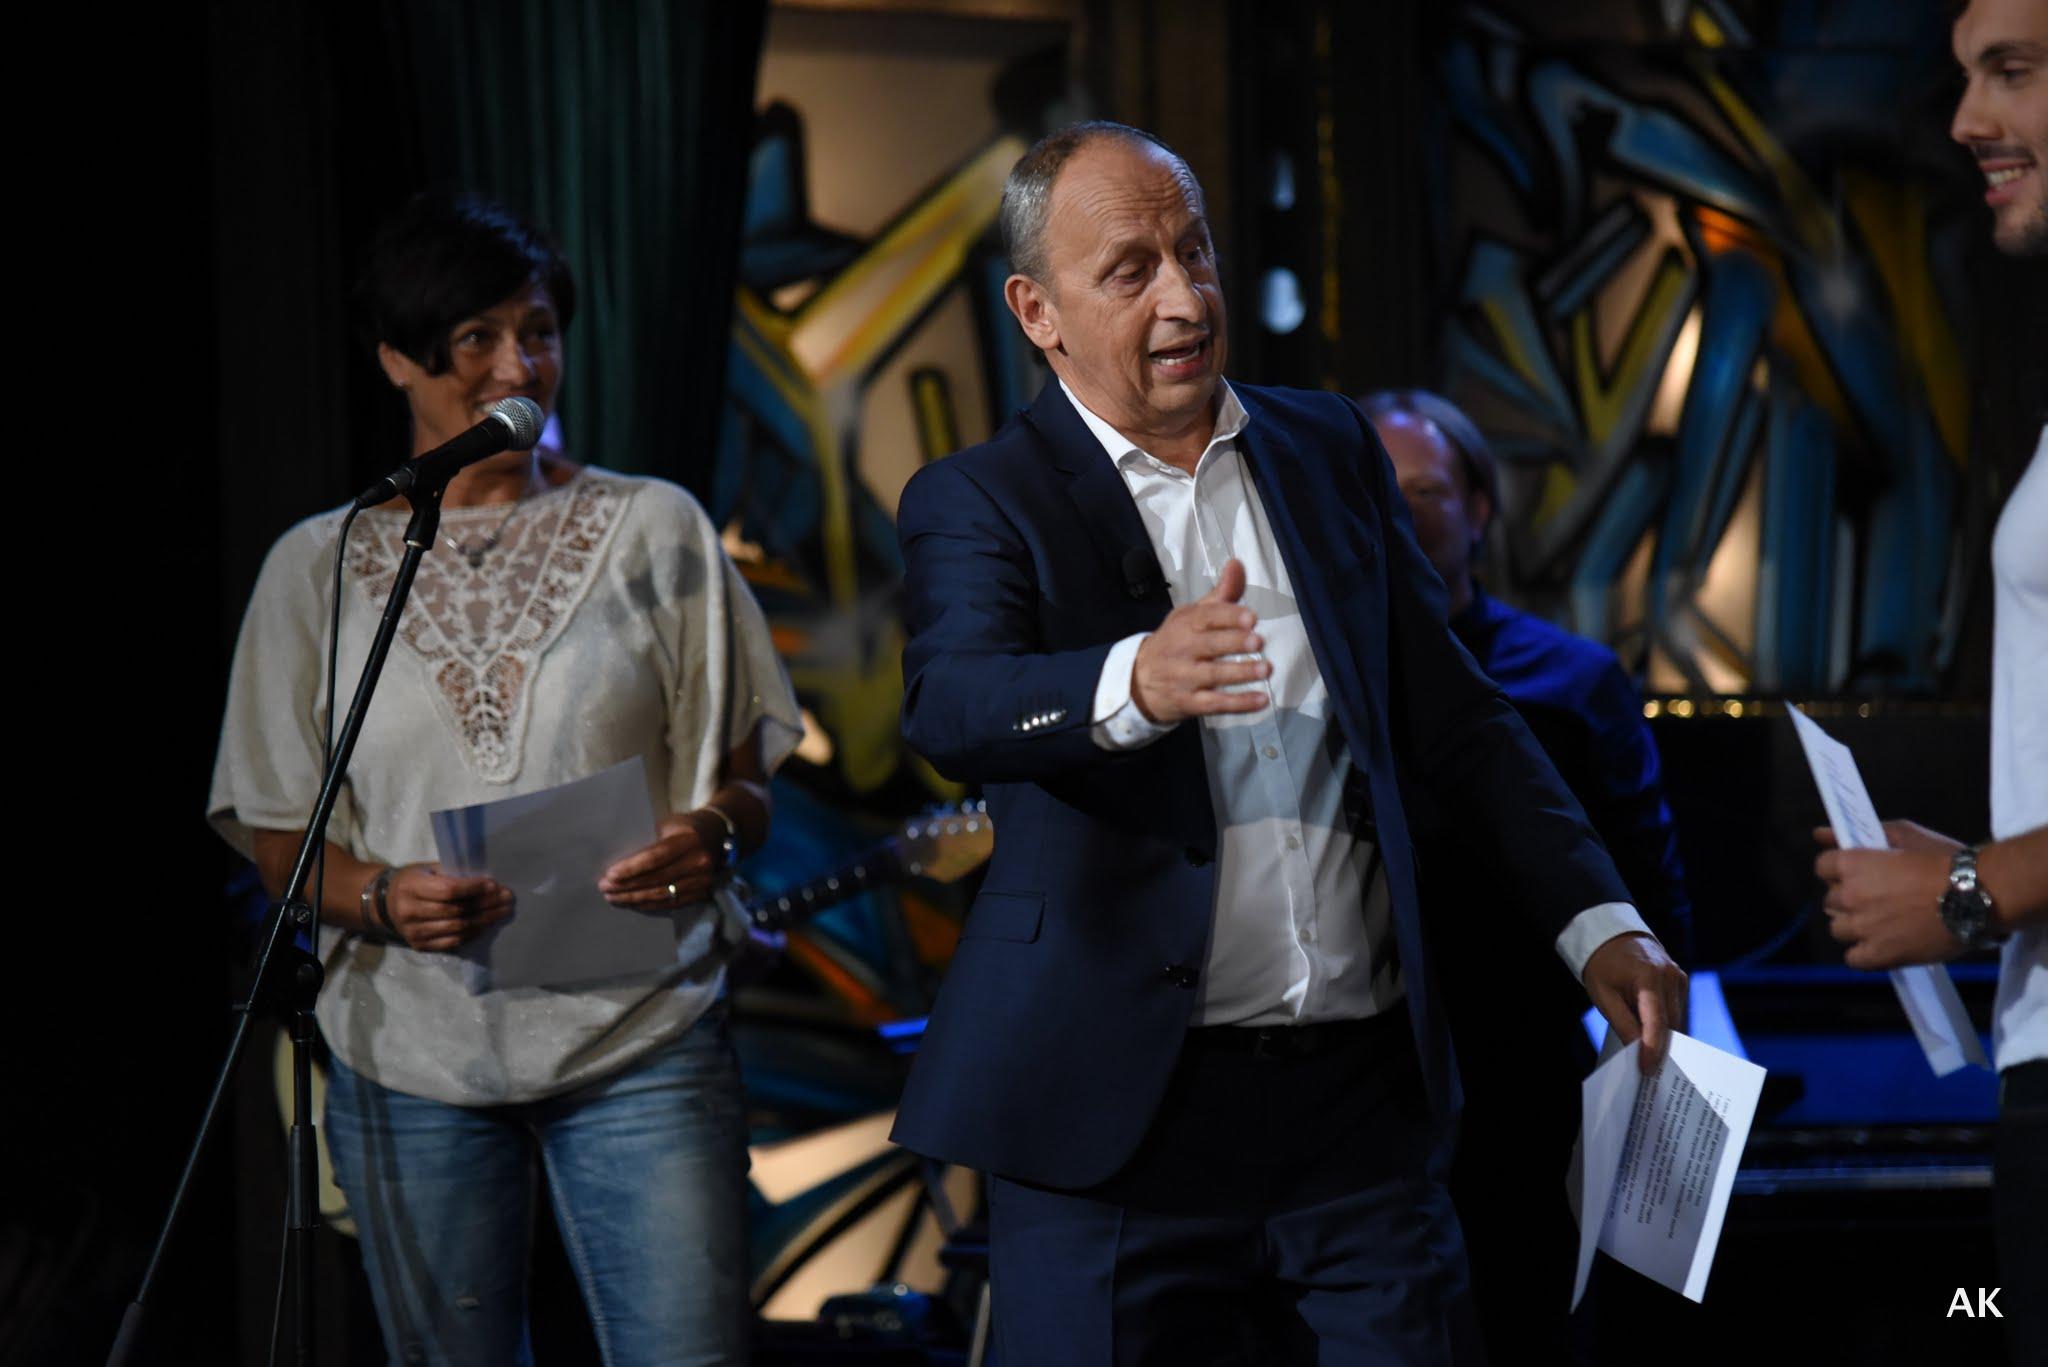 Jan Kraus organizuje dění na pódu: Josef Dostál a Eva Emingerová se chystají ke zpěvu – SJK 31. 8. 2016